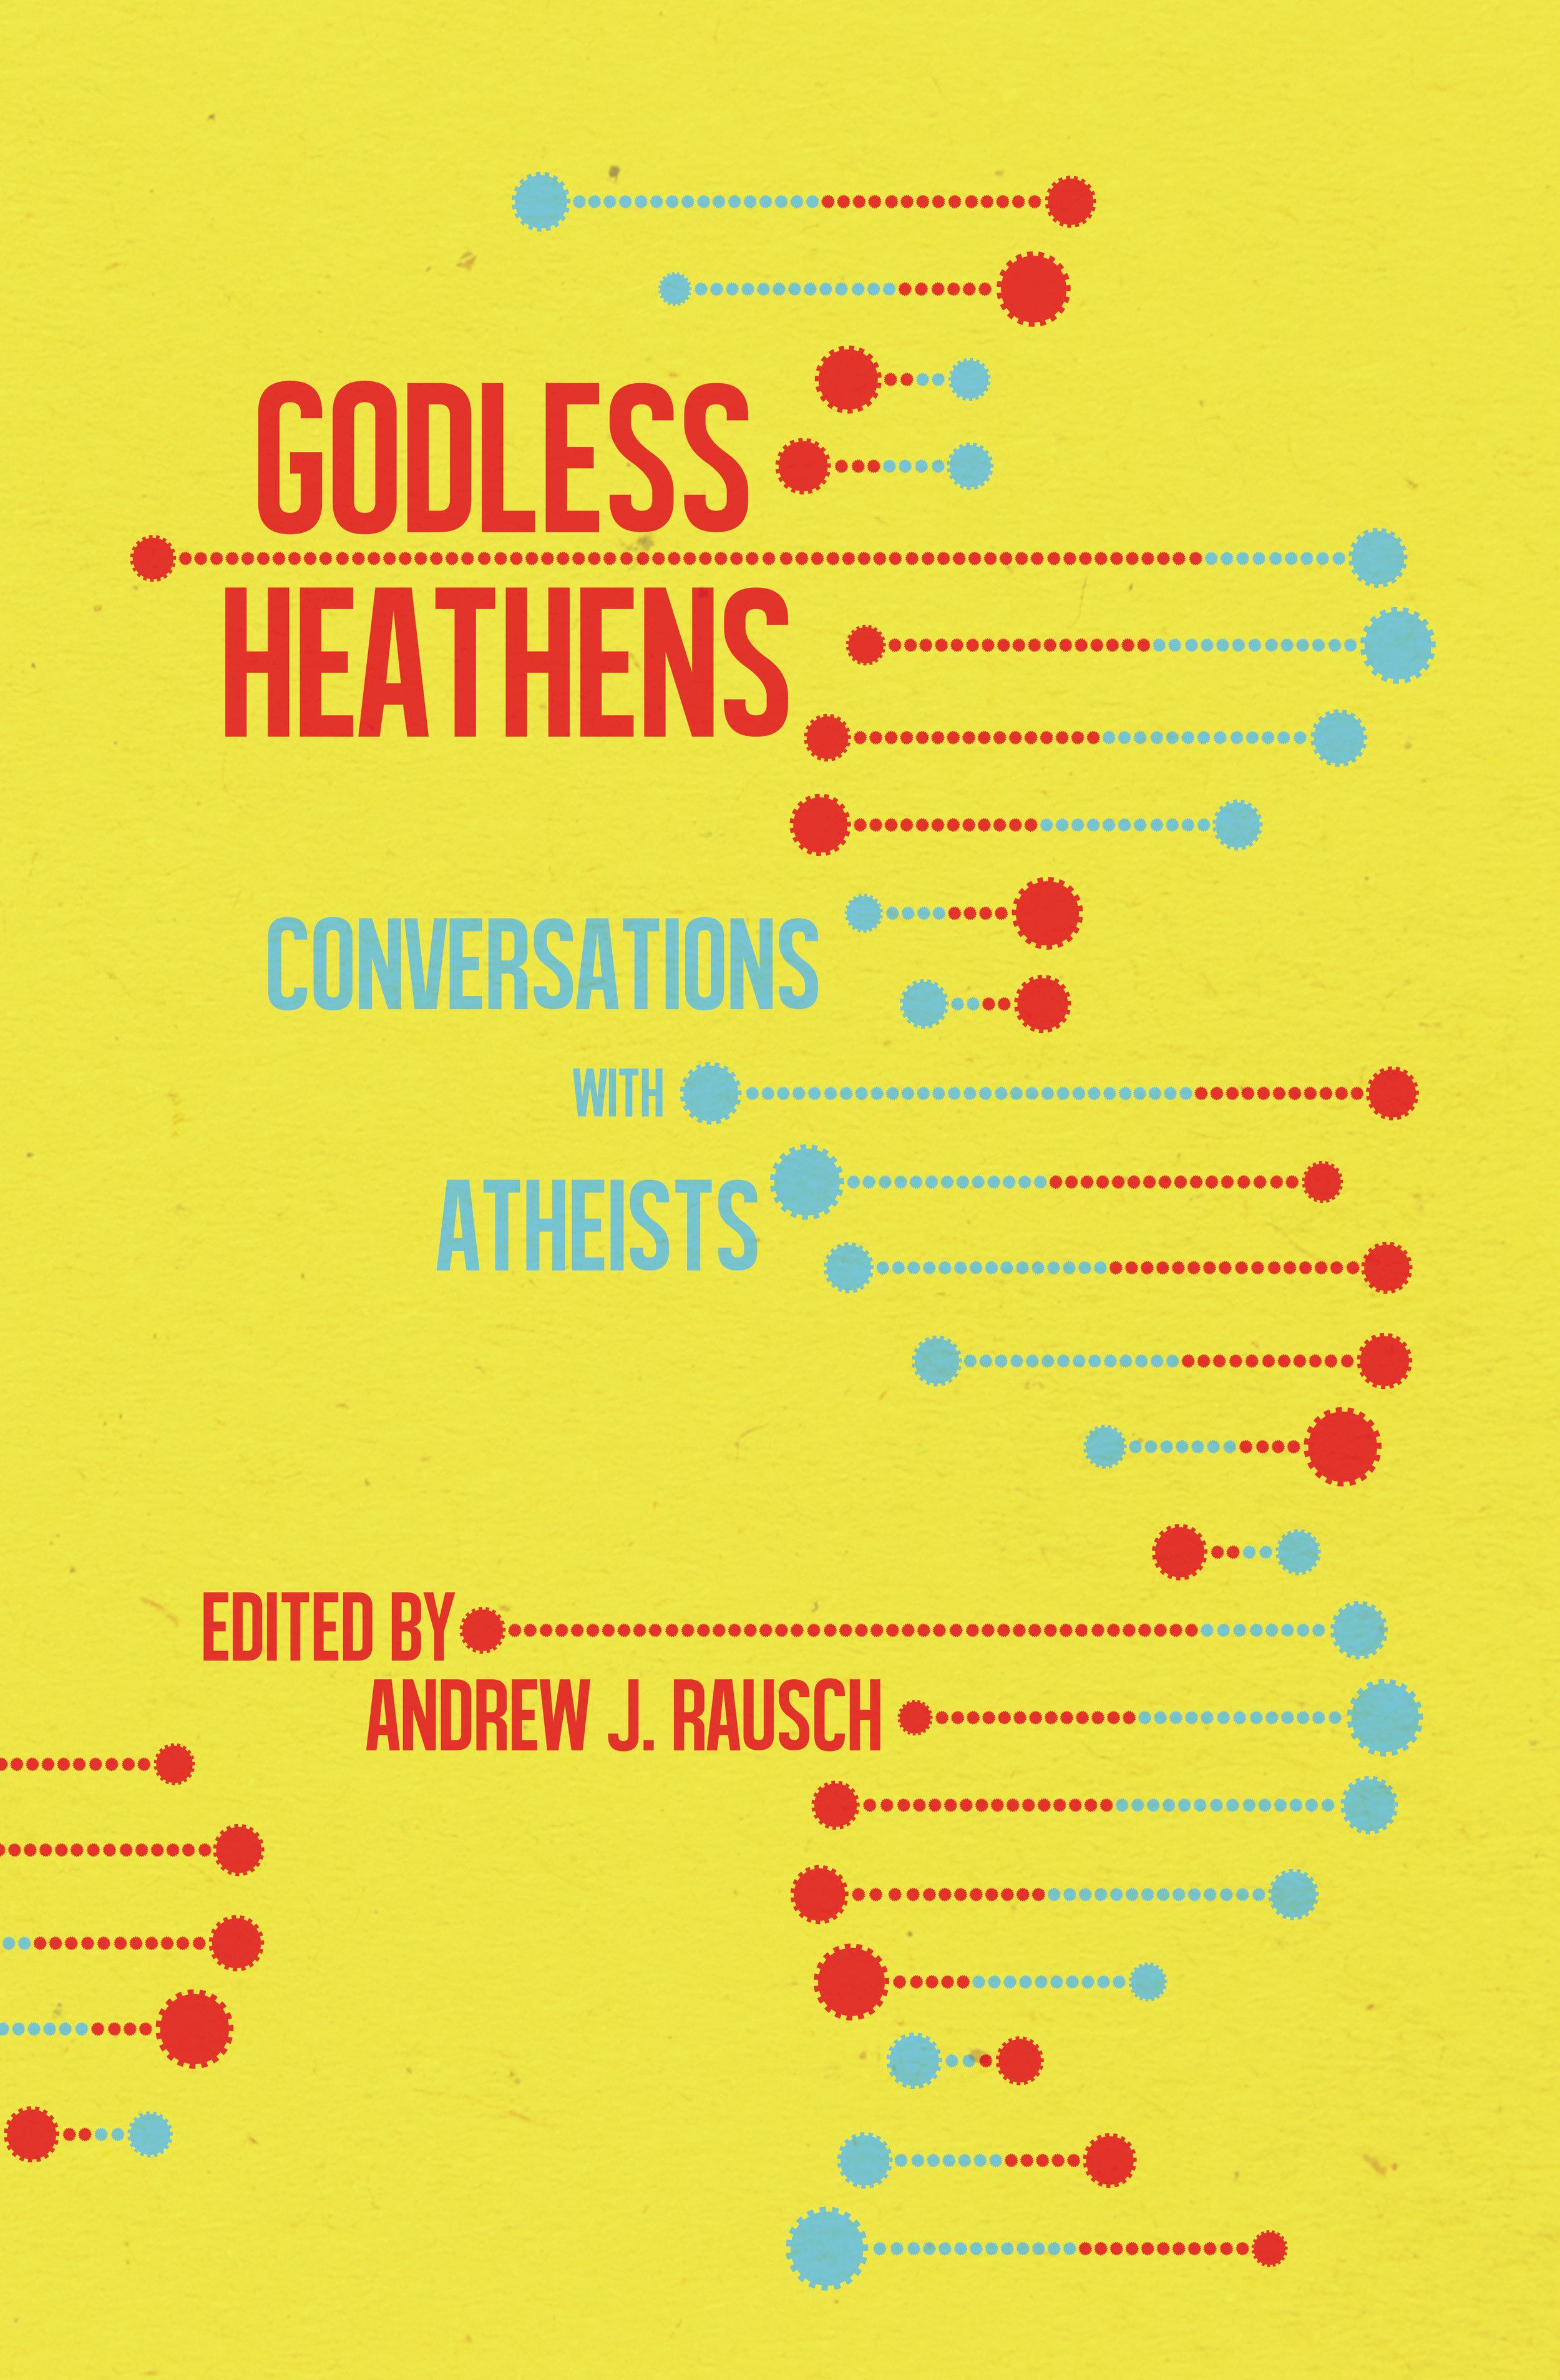 godless heathens hi res cover.jpg